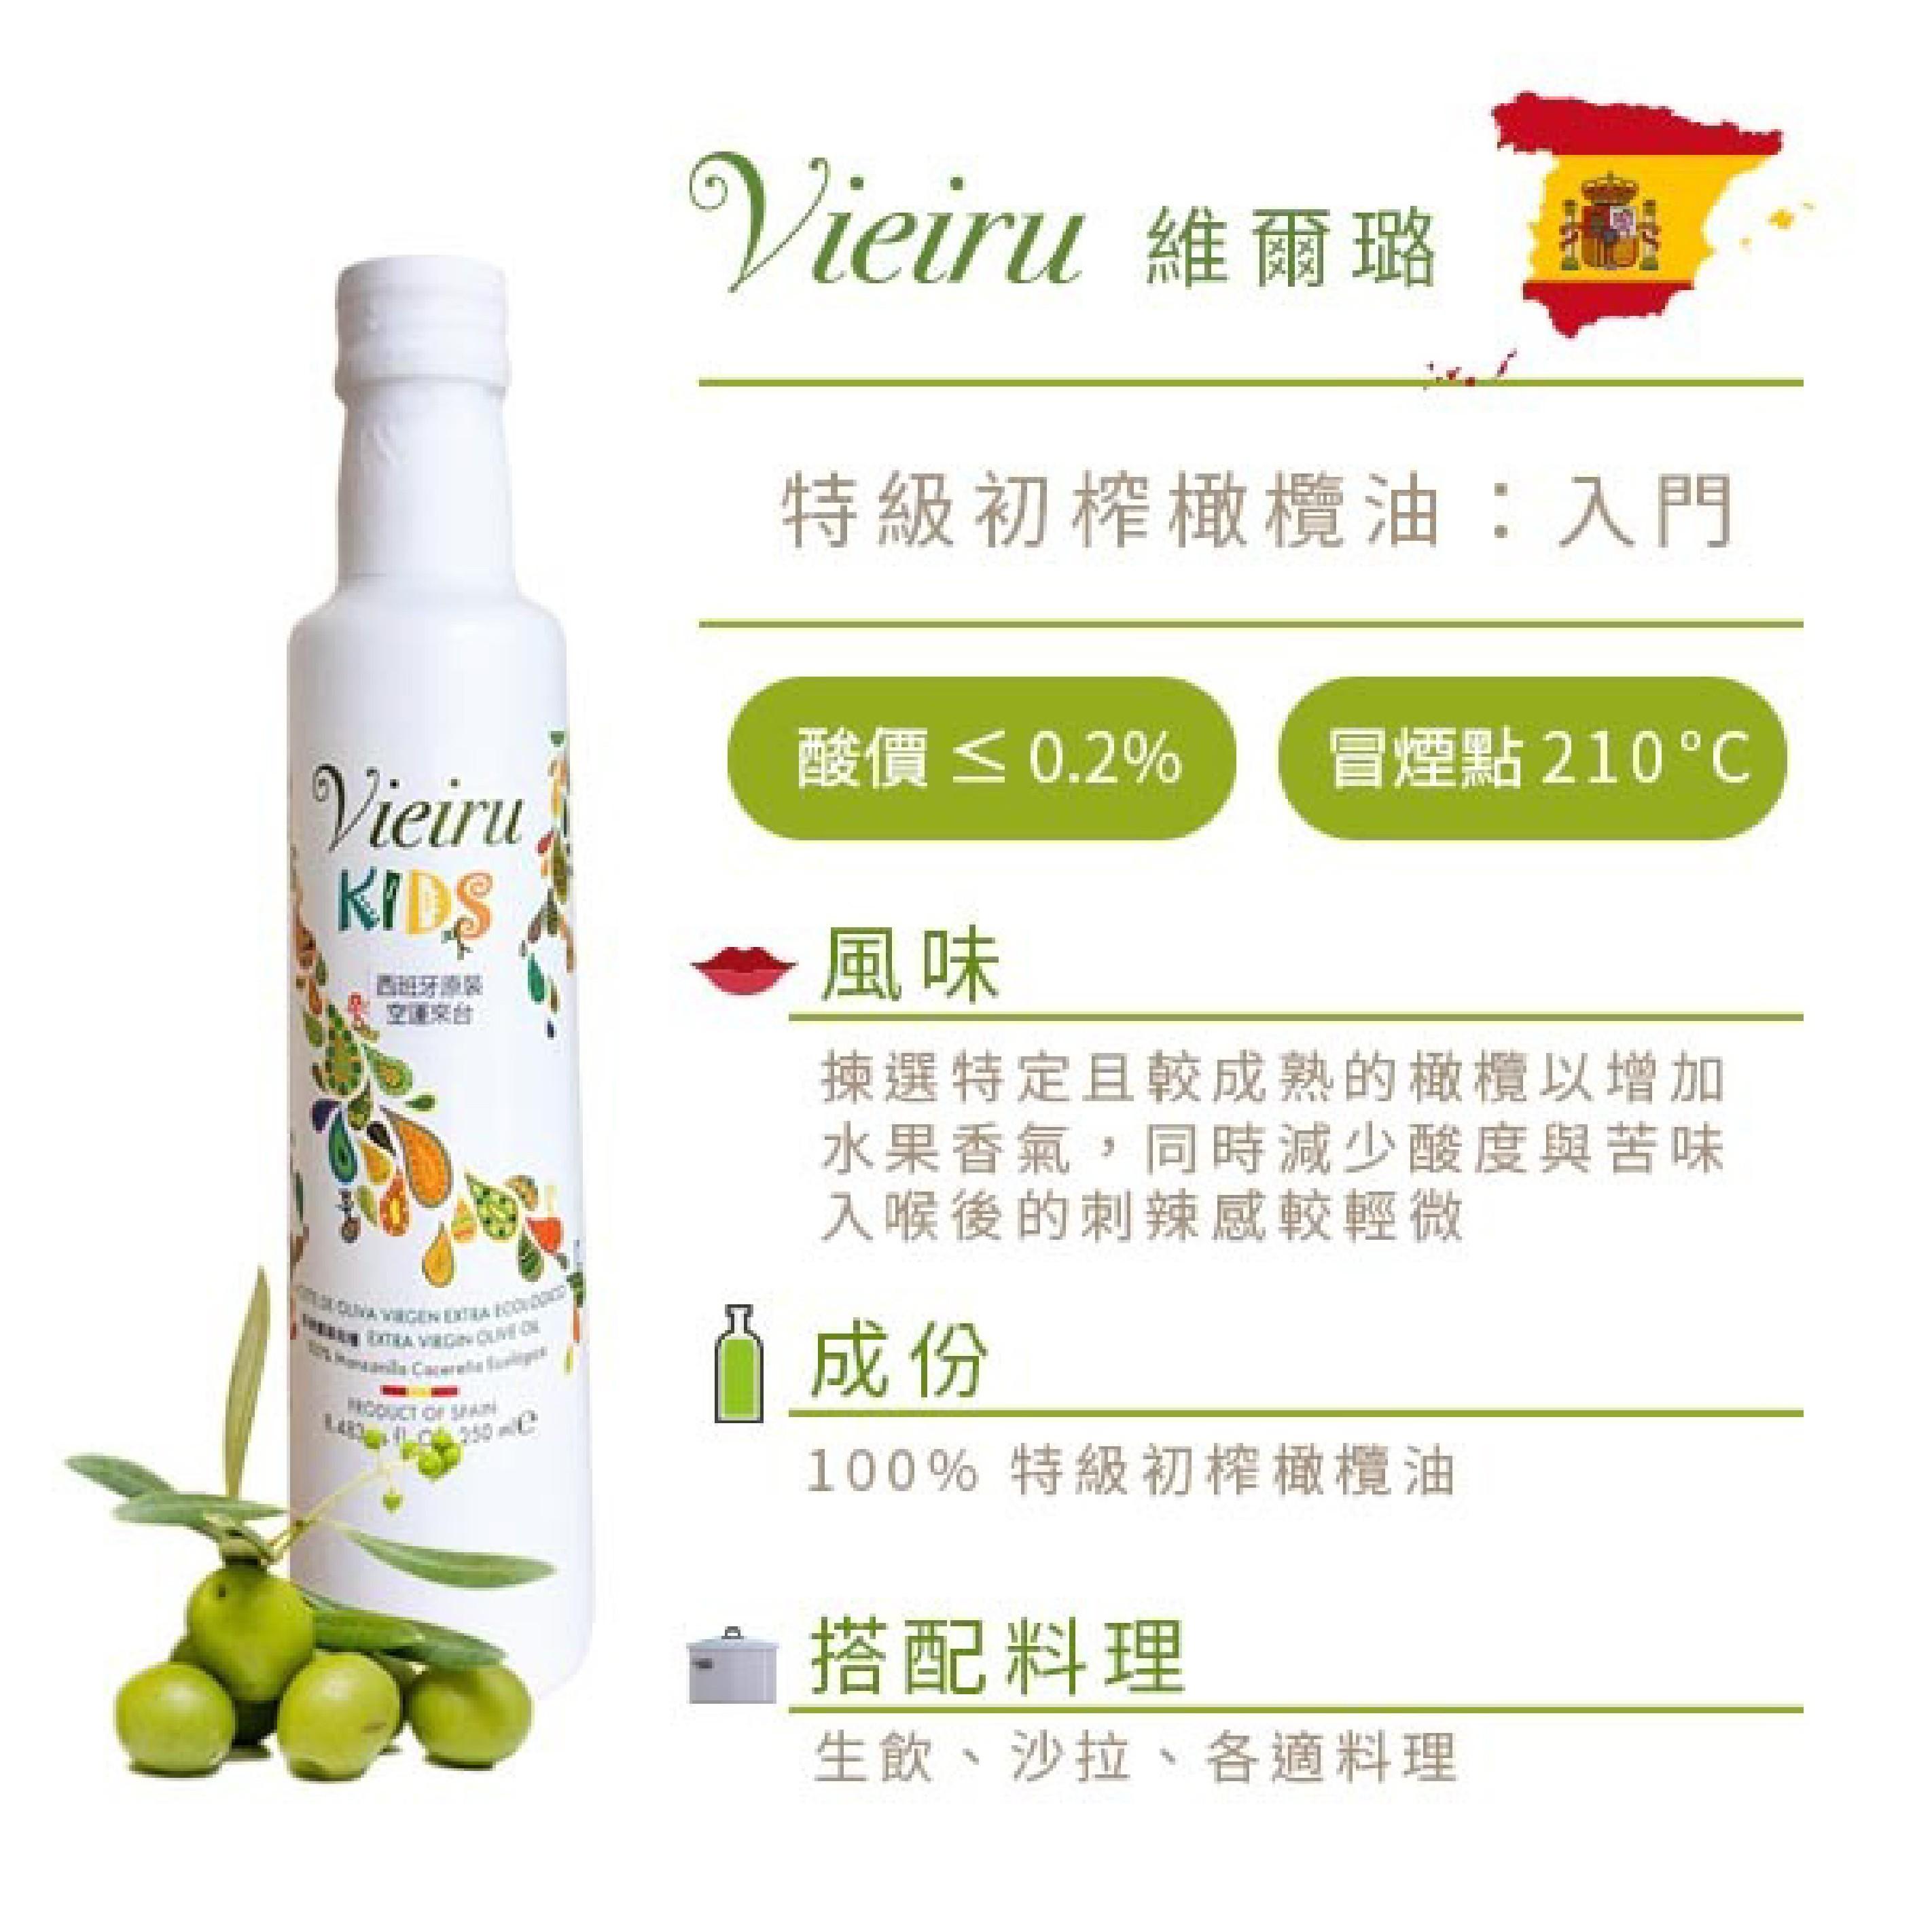 【好食好市】Vieiru 維爾璐 - 特級初榨入門橄欖油